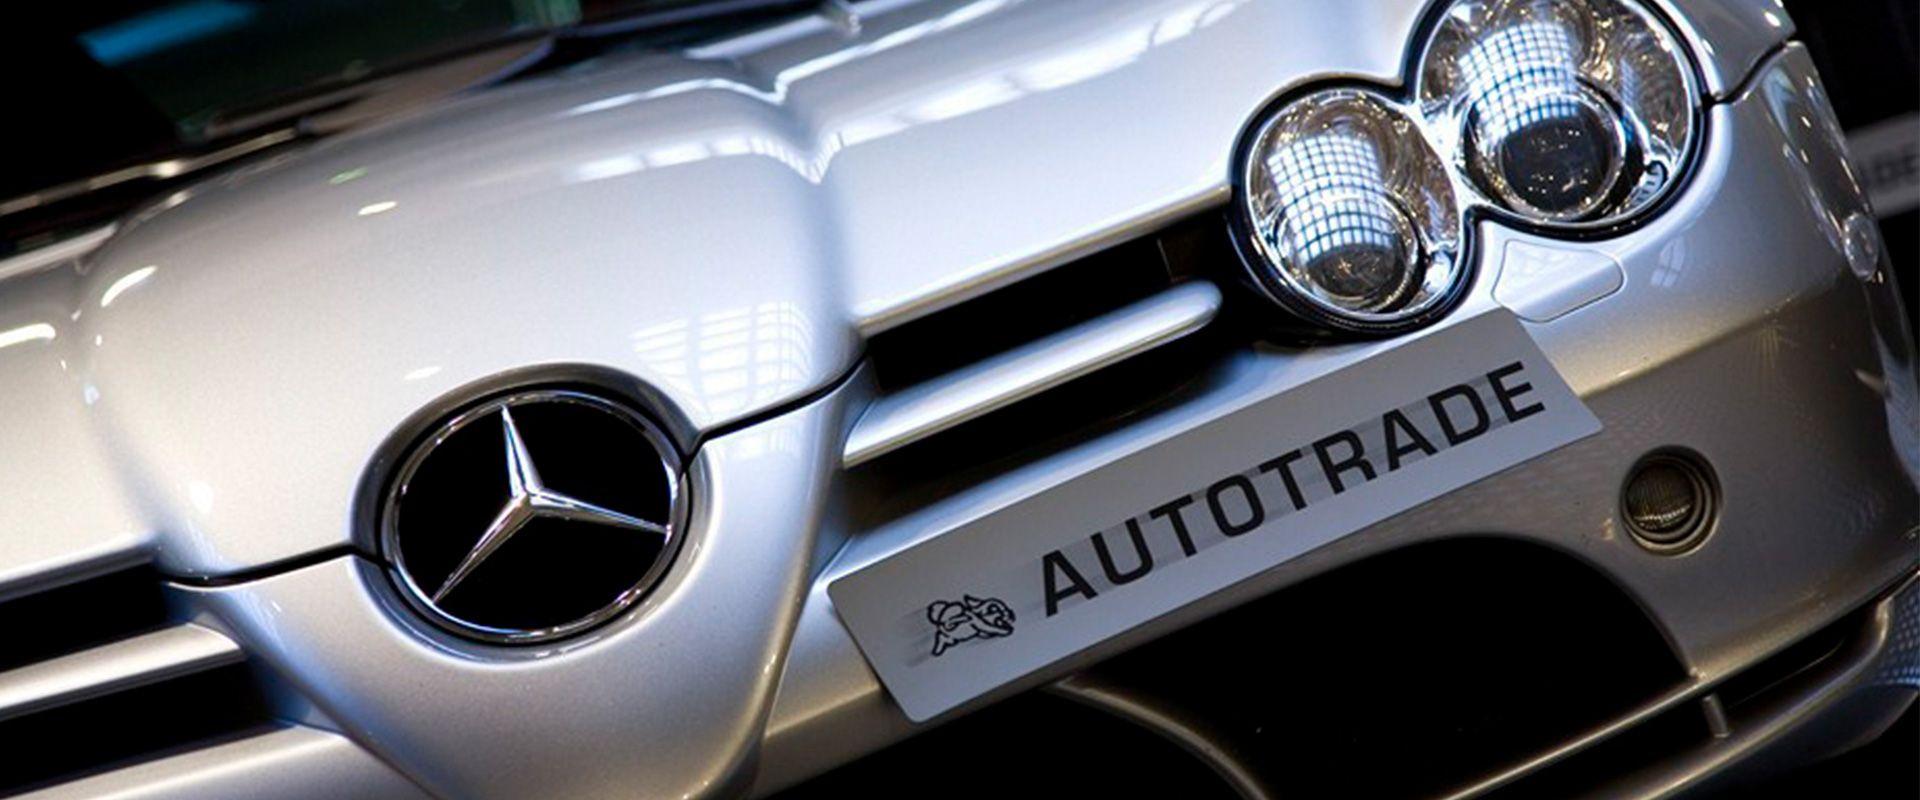 José Antonio Rueda: «En Autotrade somos distribuidores oficiales de coches que son obras de arte»